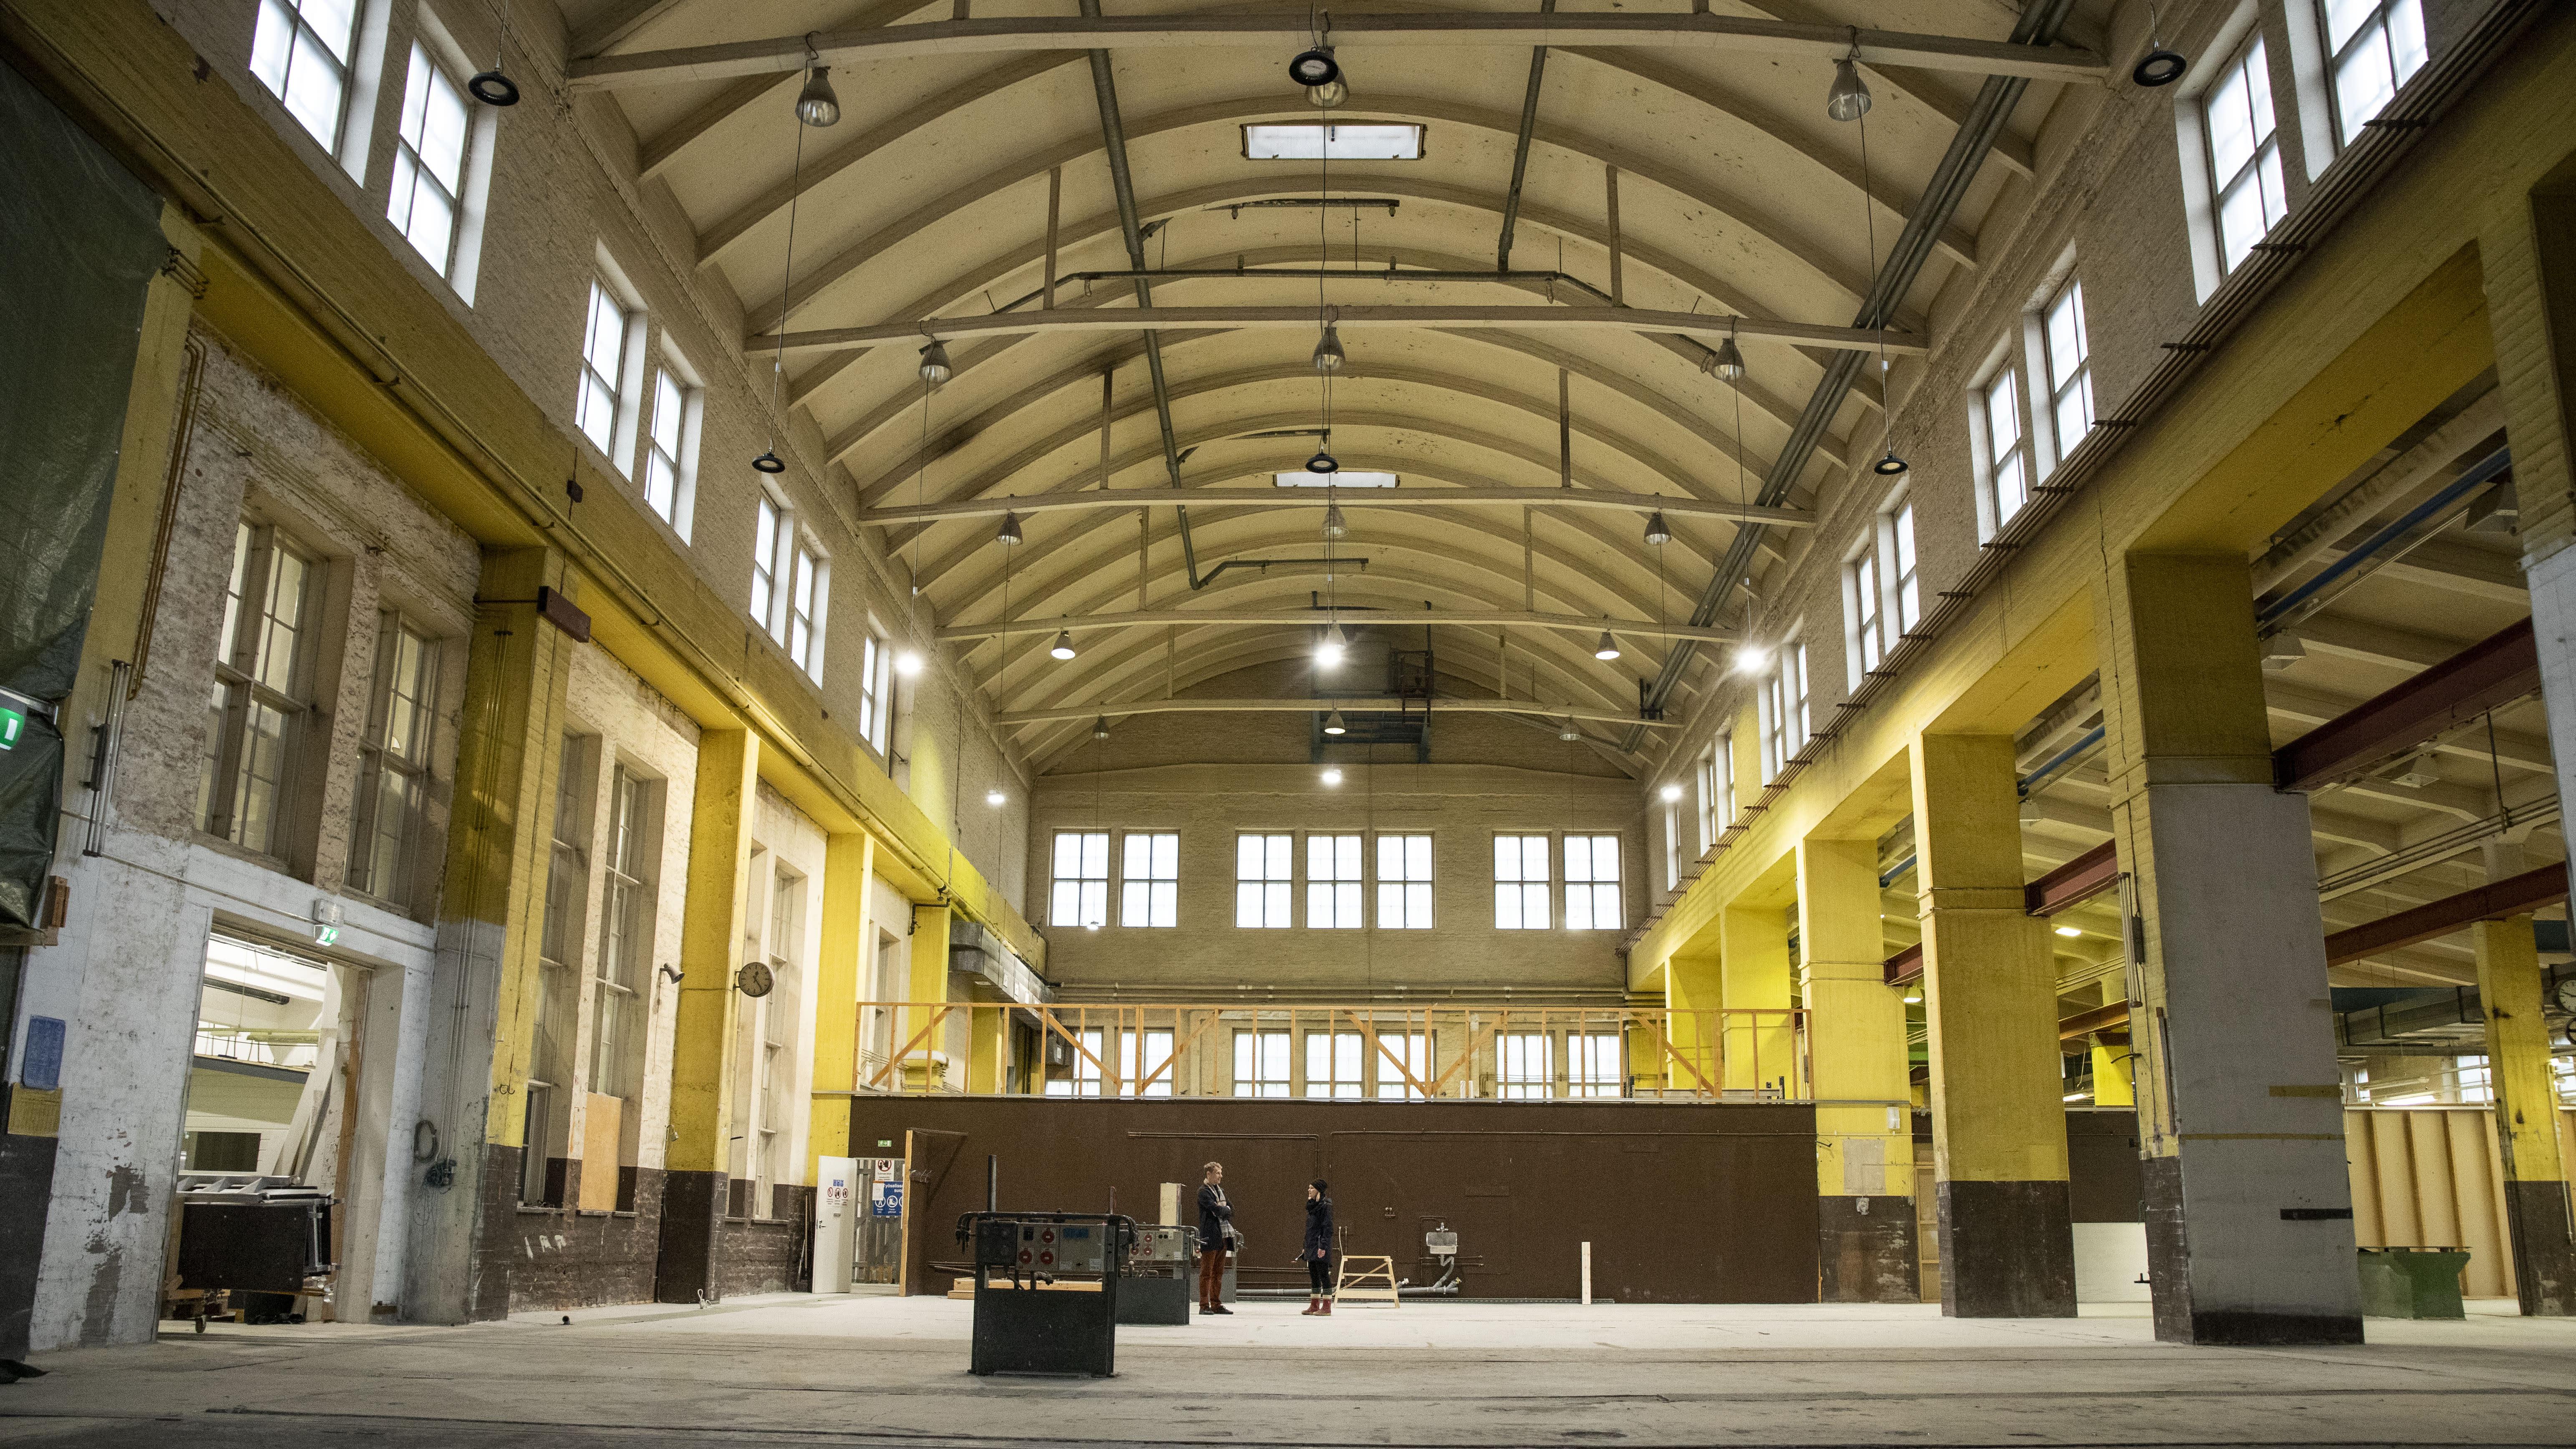 Tältä näyttävät vanhan asema-alueen rakennukset sisältä.